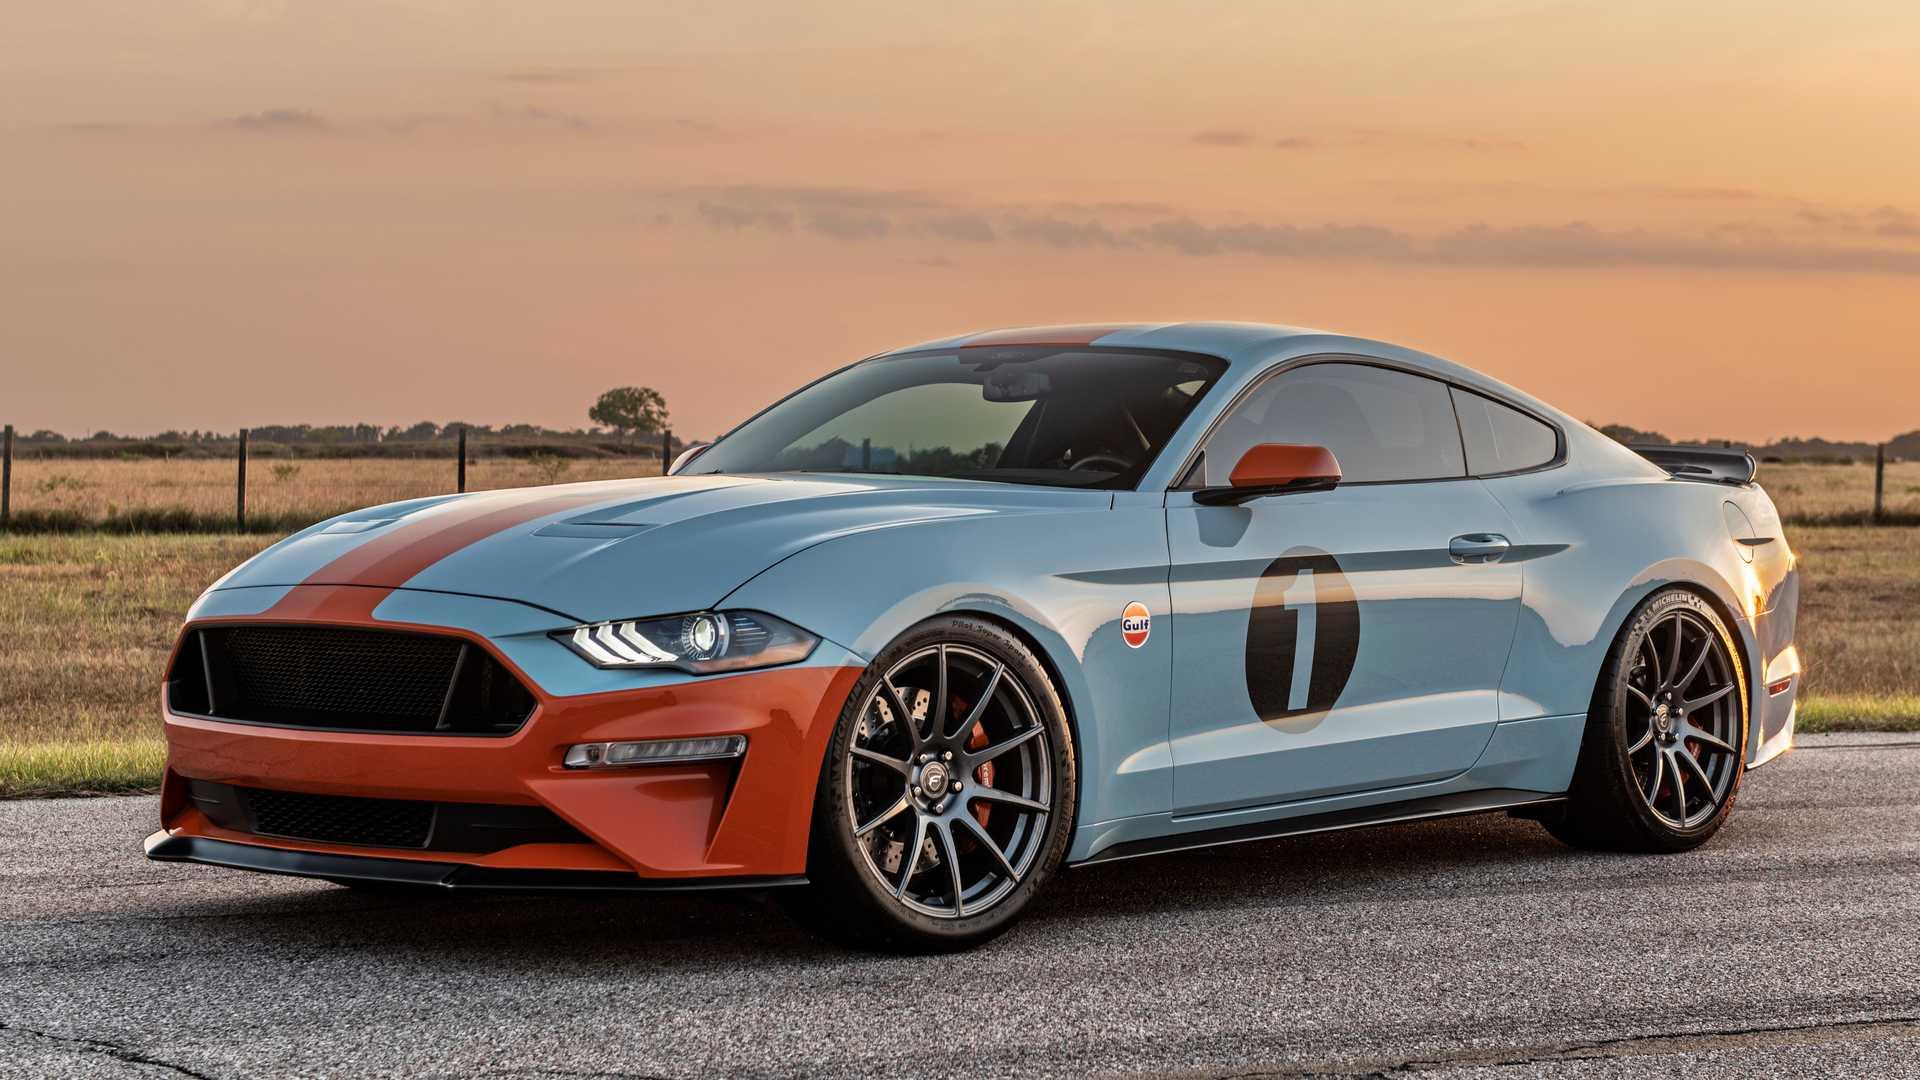 Американский тюнер Brown Lee Performance построил спецверсию Ford Mustang в лемановской ливрее Gulf. Лимитированную серию посвятили гоночной истории «Форда».